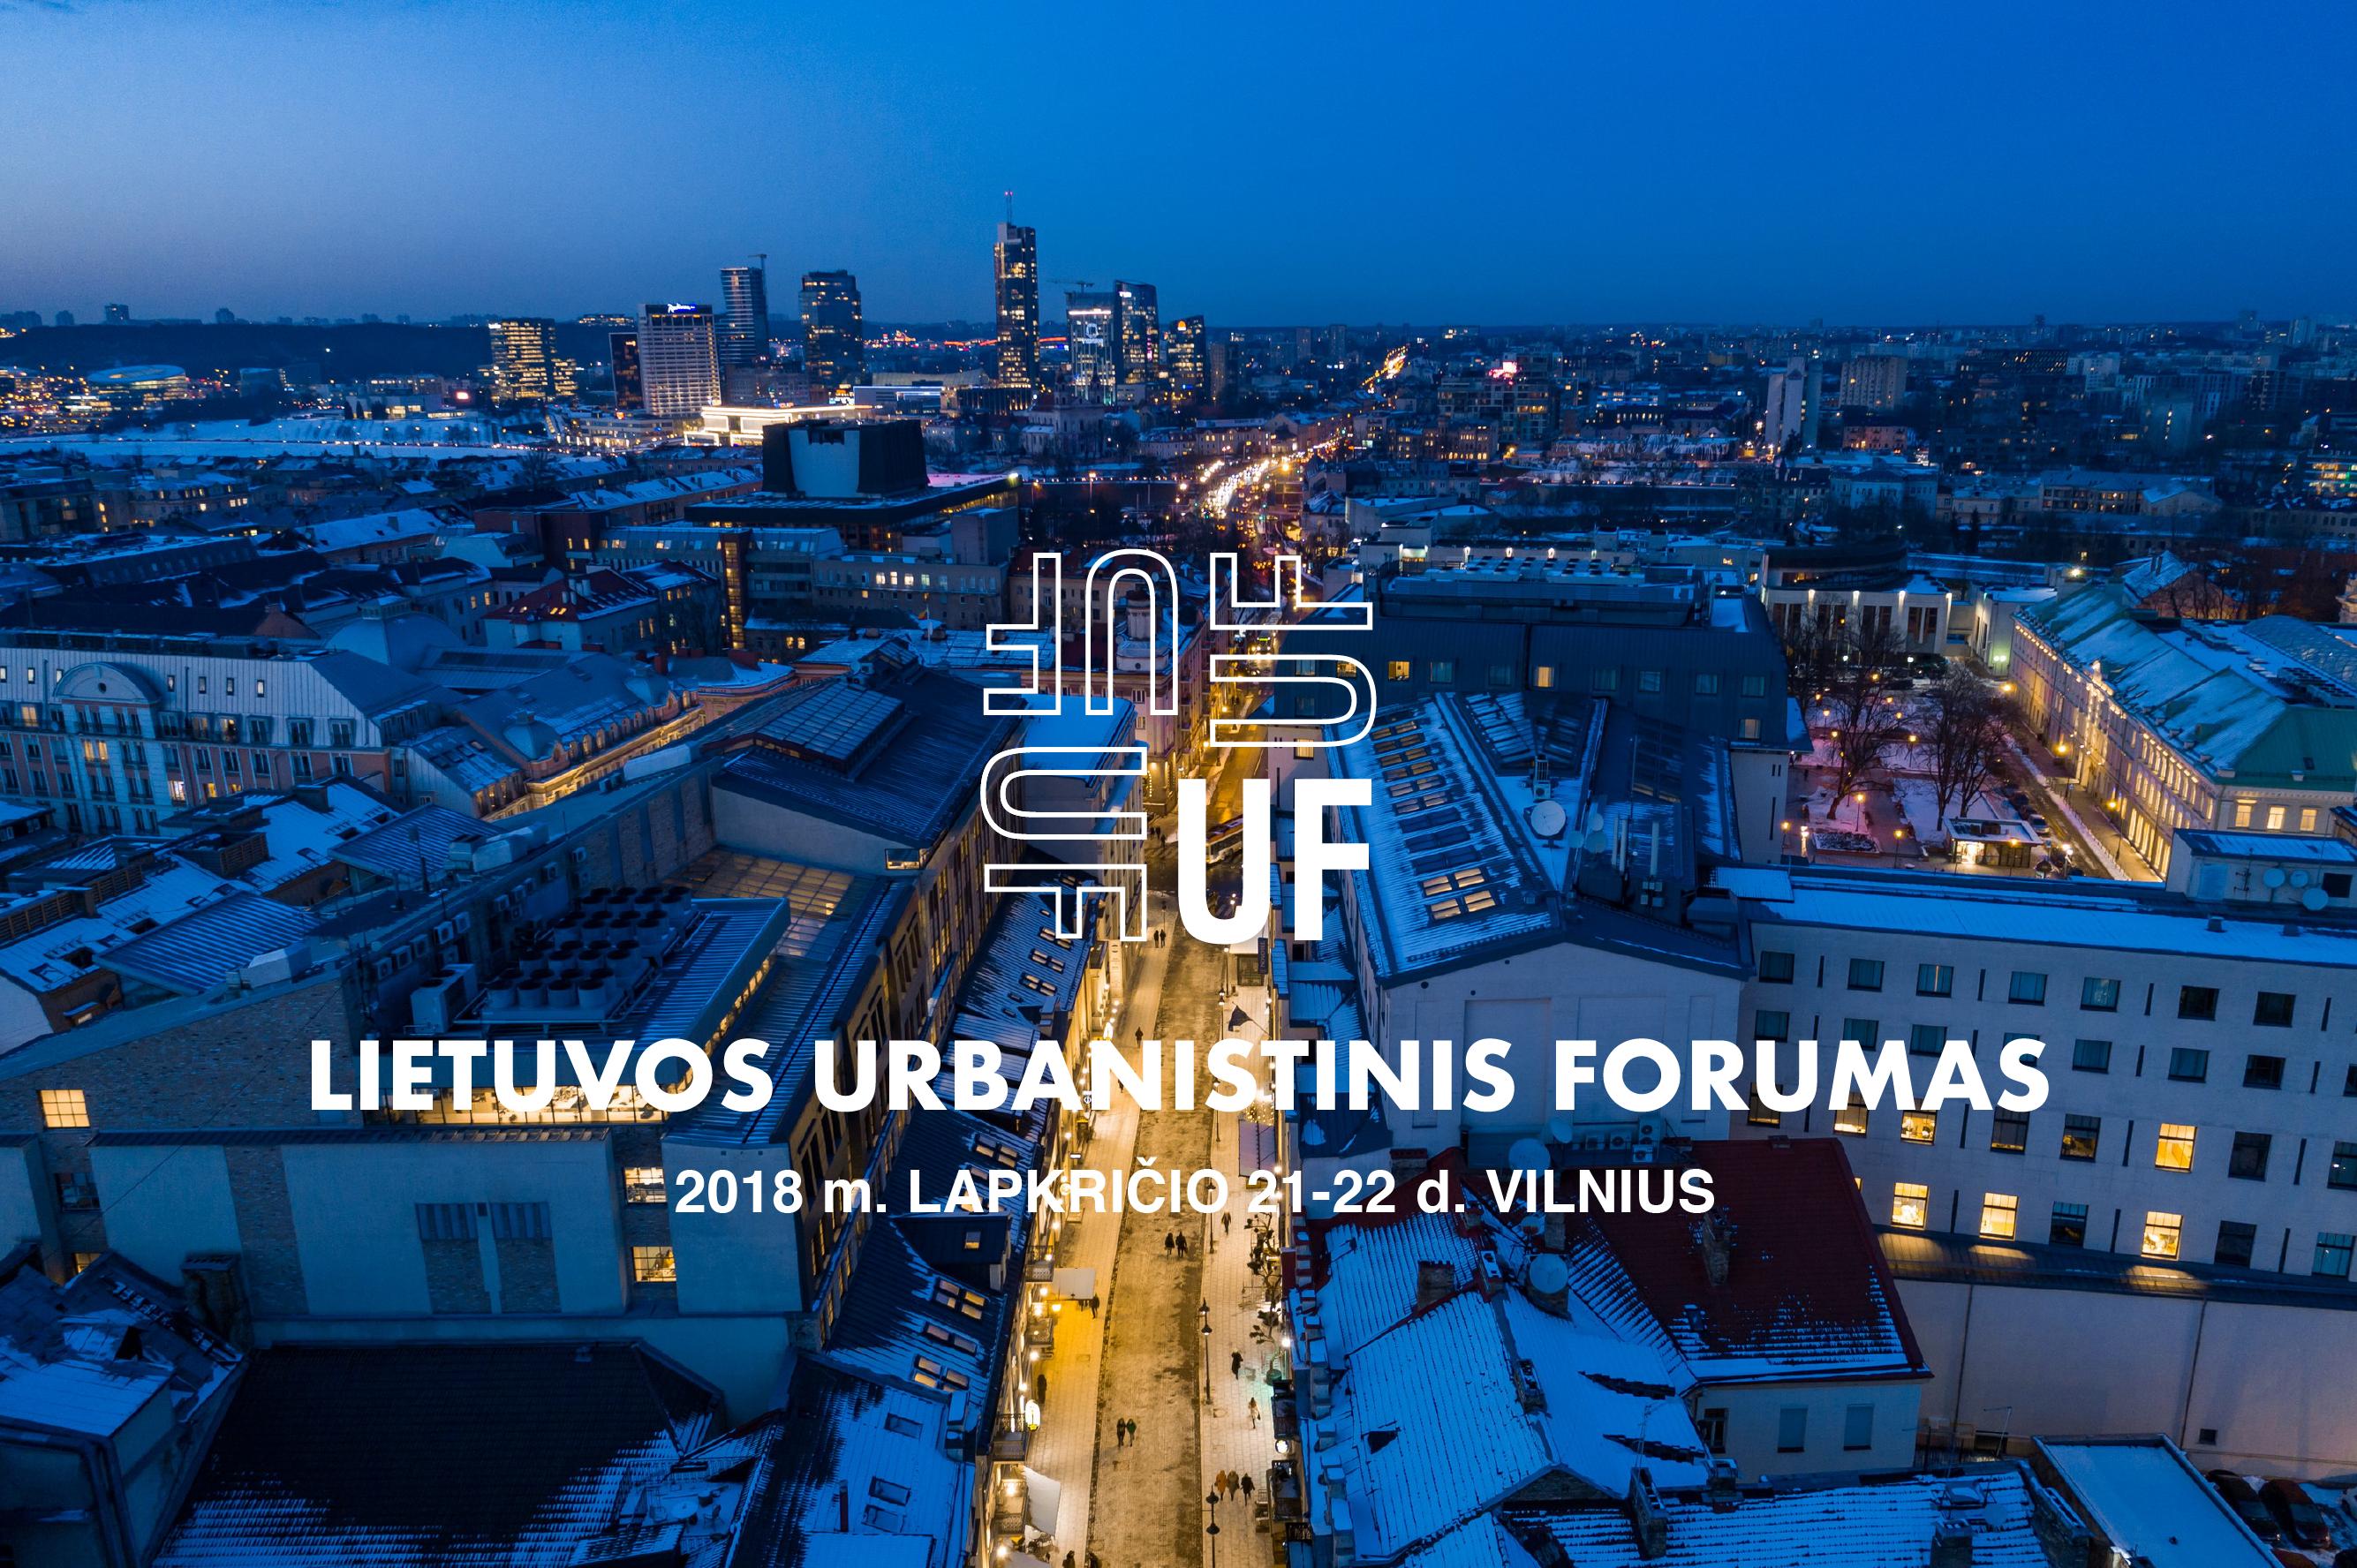 Urbanistinis forumas 2018